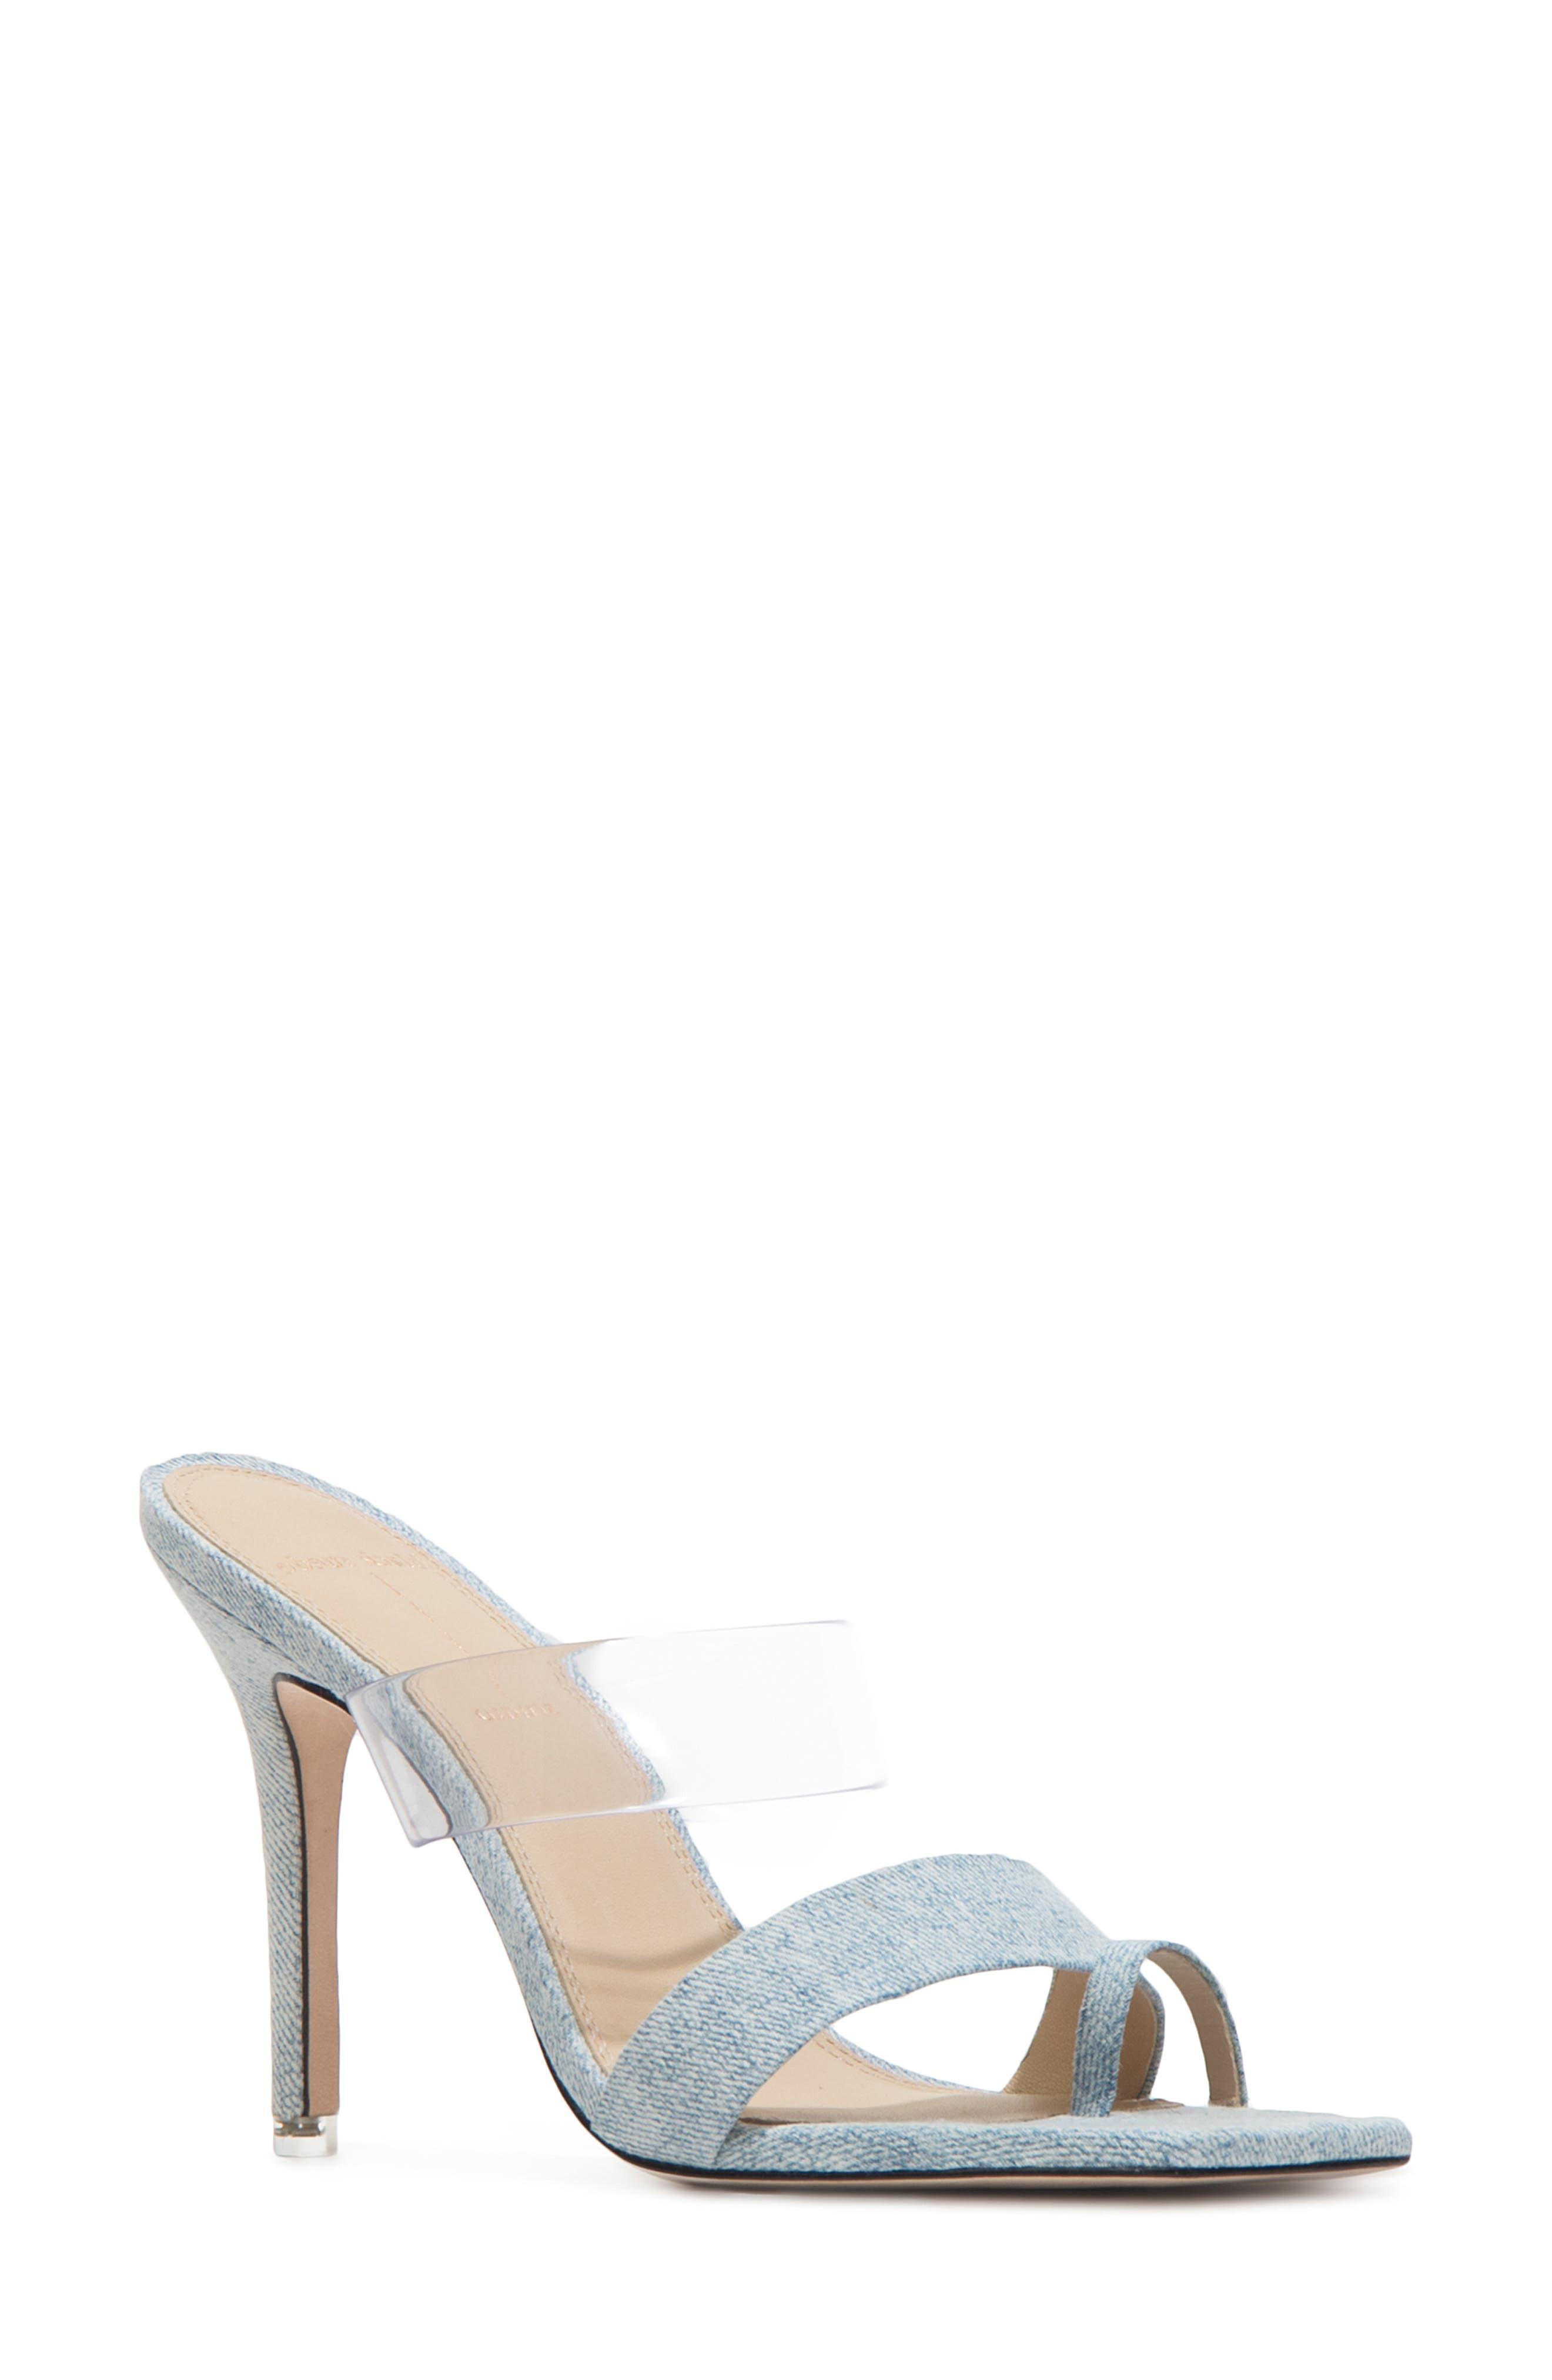 Melia Sandal